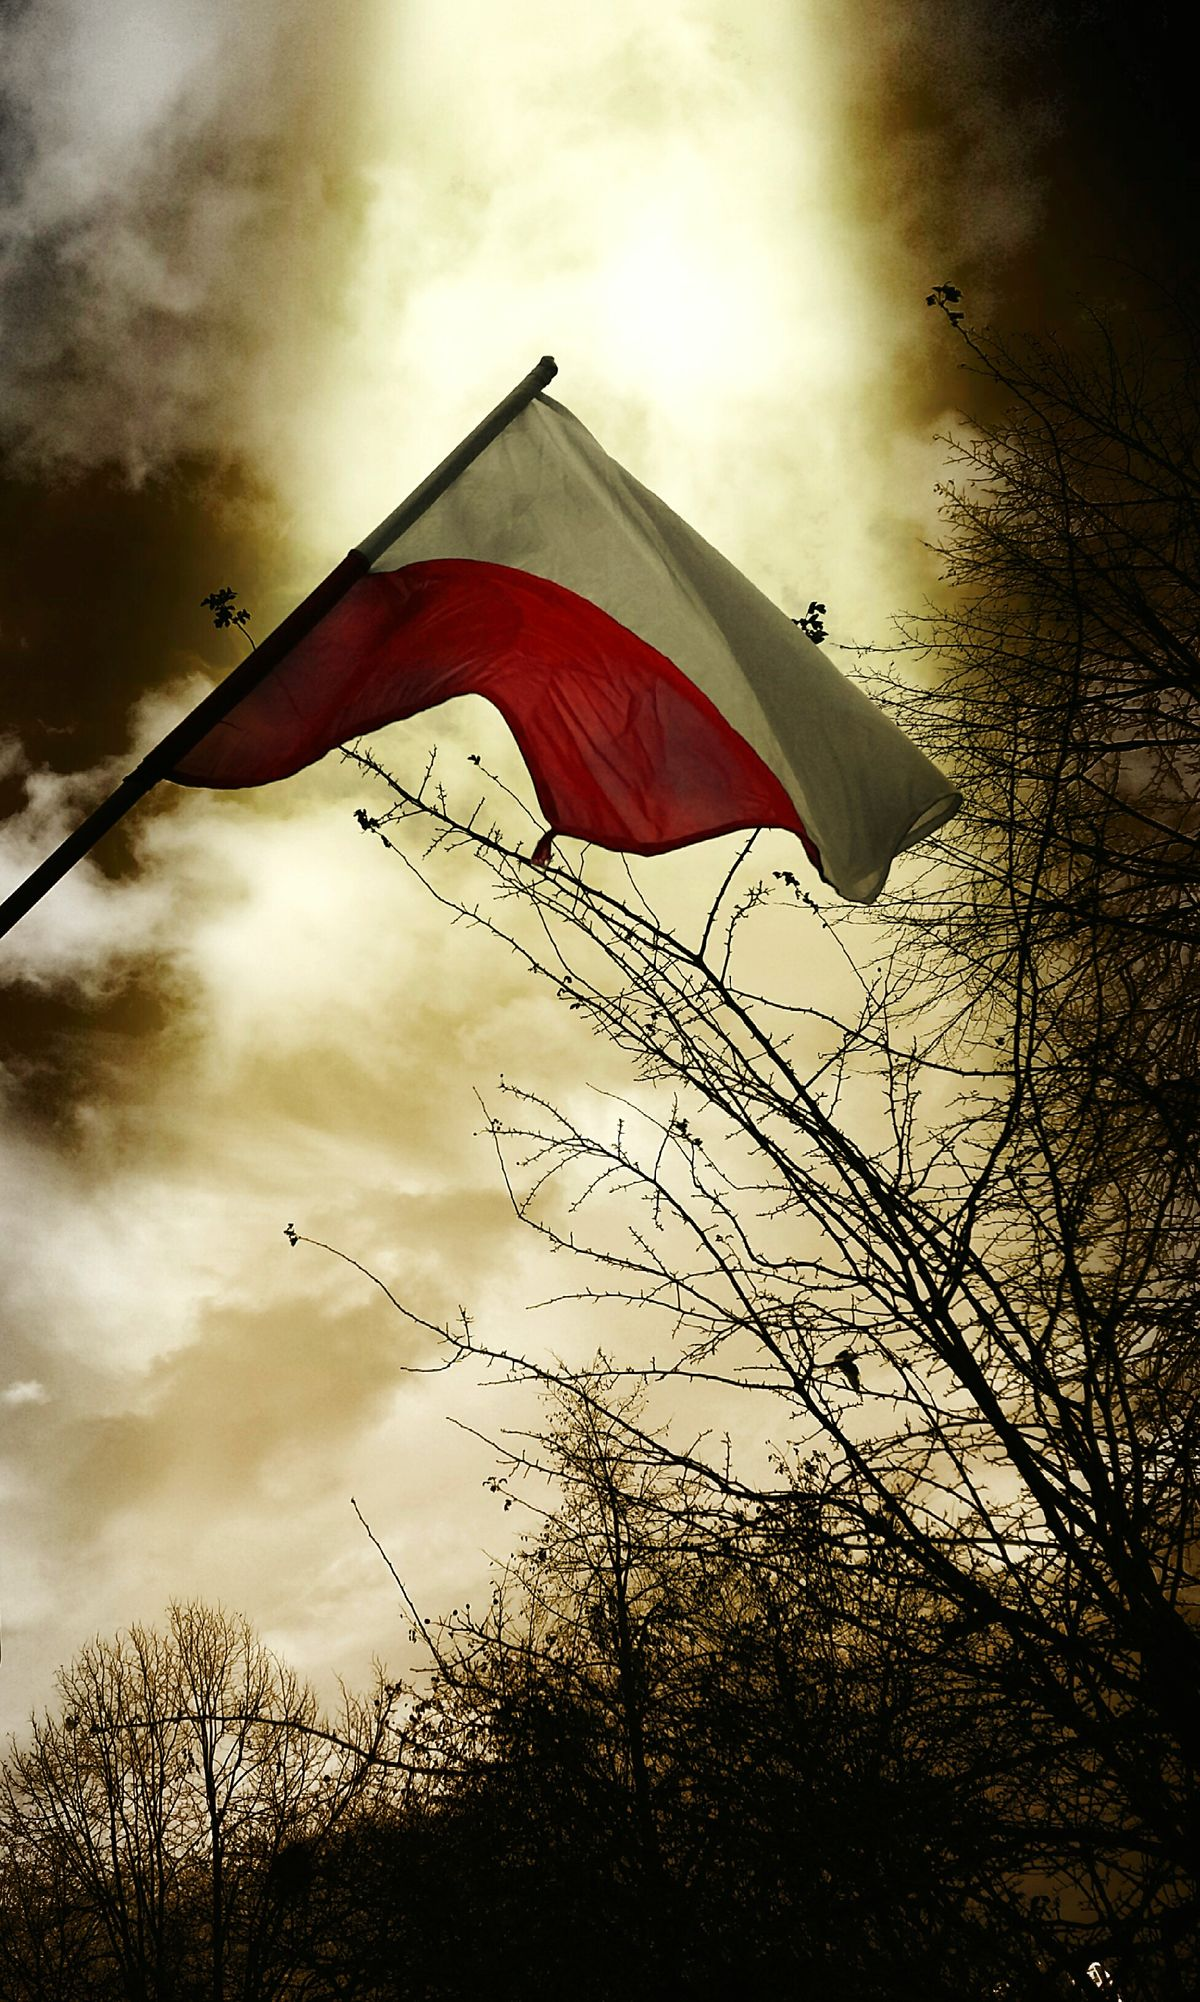 Polskajestpiekna Polska Poland 💗 Samsung A5 Poland Poland Gdańsk Polish Niepodległości 11listopada Flaga Flag Flags In The Wind  Gdansk święto_niepodległości Gdańsk 👌🏼 Gdansk (Danzig) Gdansk,poland Gdansk 2016